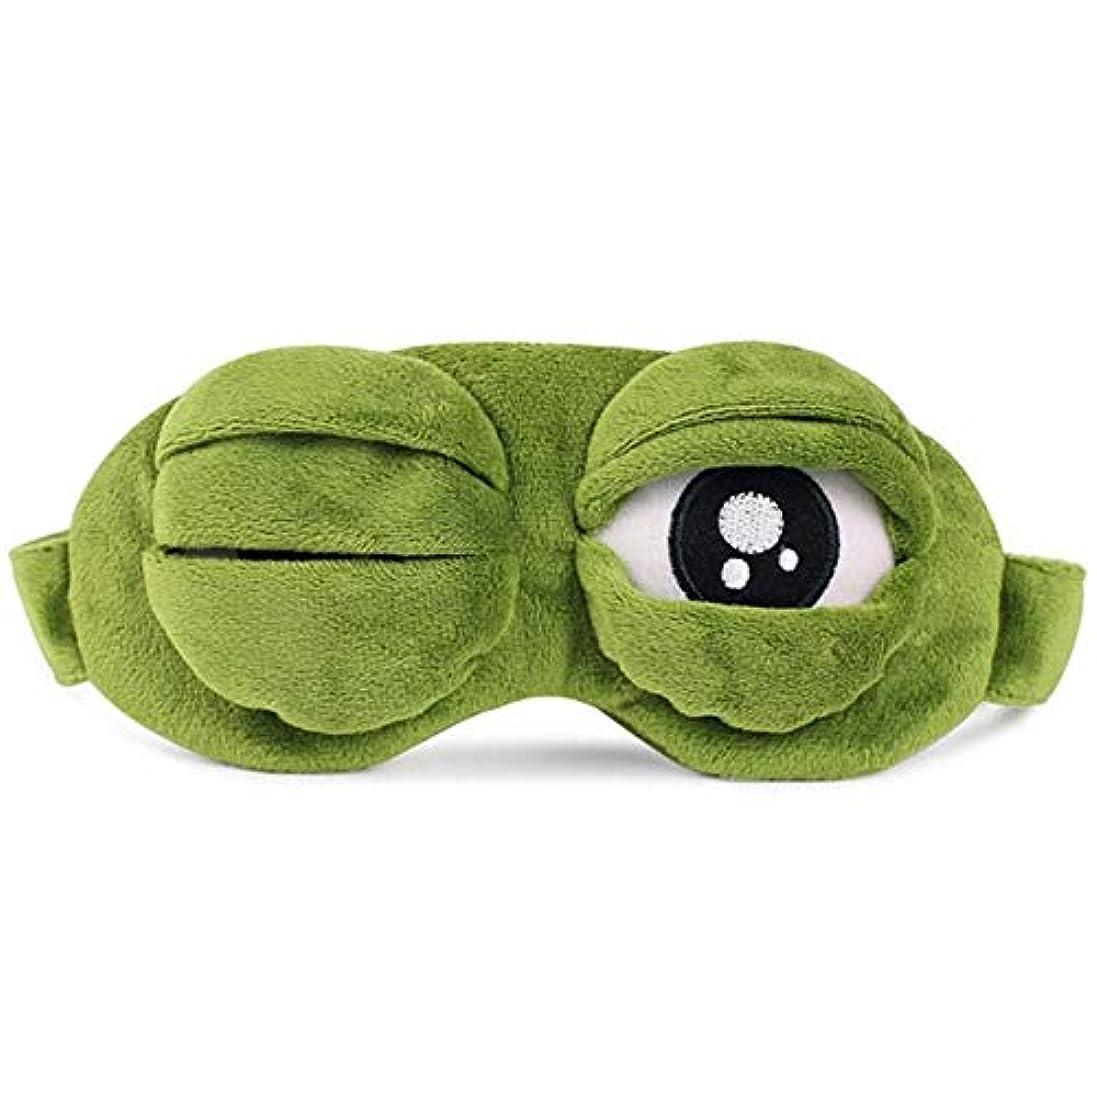 ソート準備する私たちのものNOTE 新しいグリーンカエル漫画かわいい目のカバー悲しい3Dアイマスクカバー眠っている残りの睡眠アニメ面白いギフト眠っているアイマスク